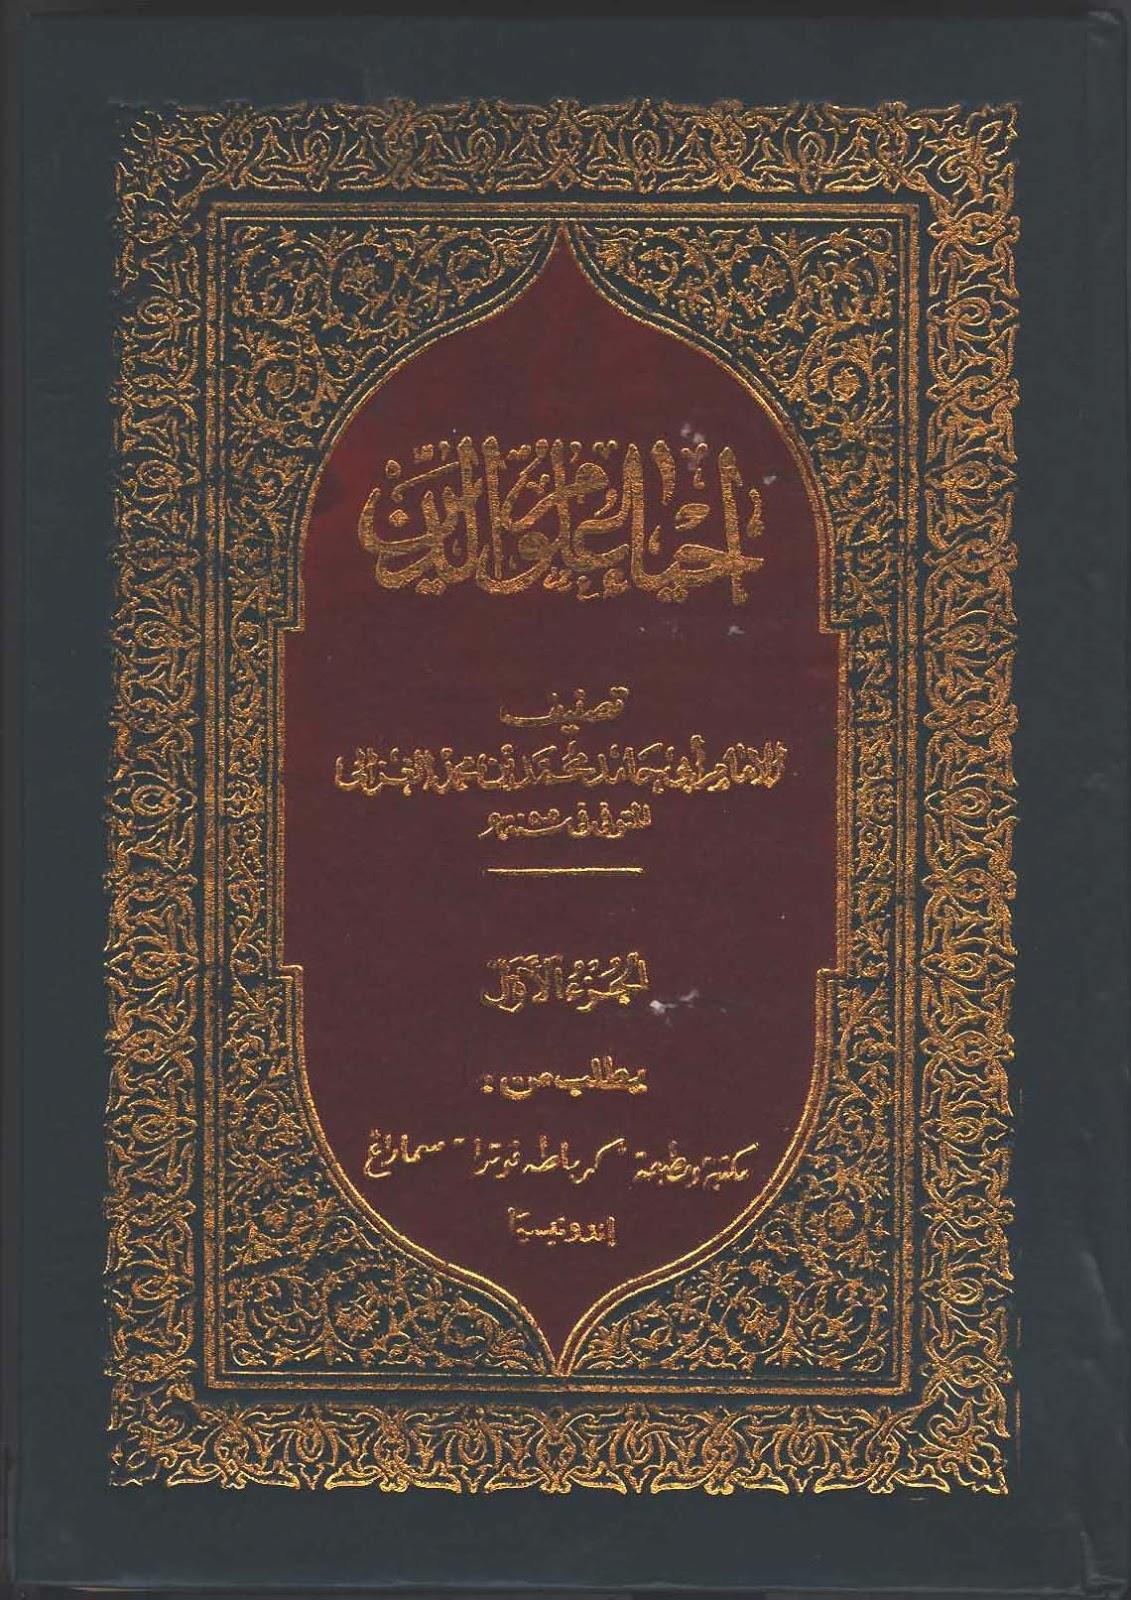 إحياء علوم الدين - أبو حامد الغزالي pdf